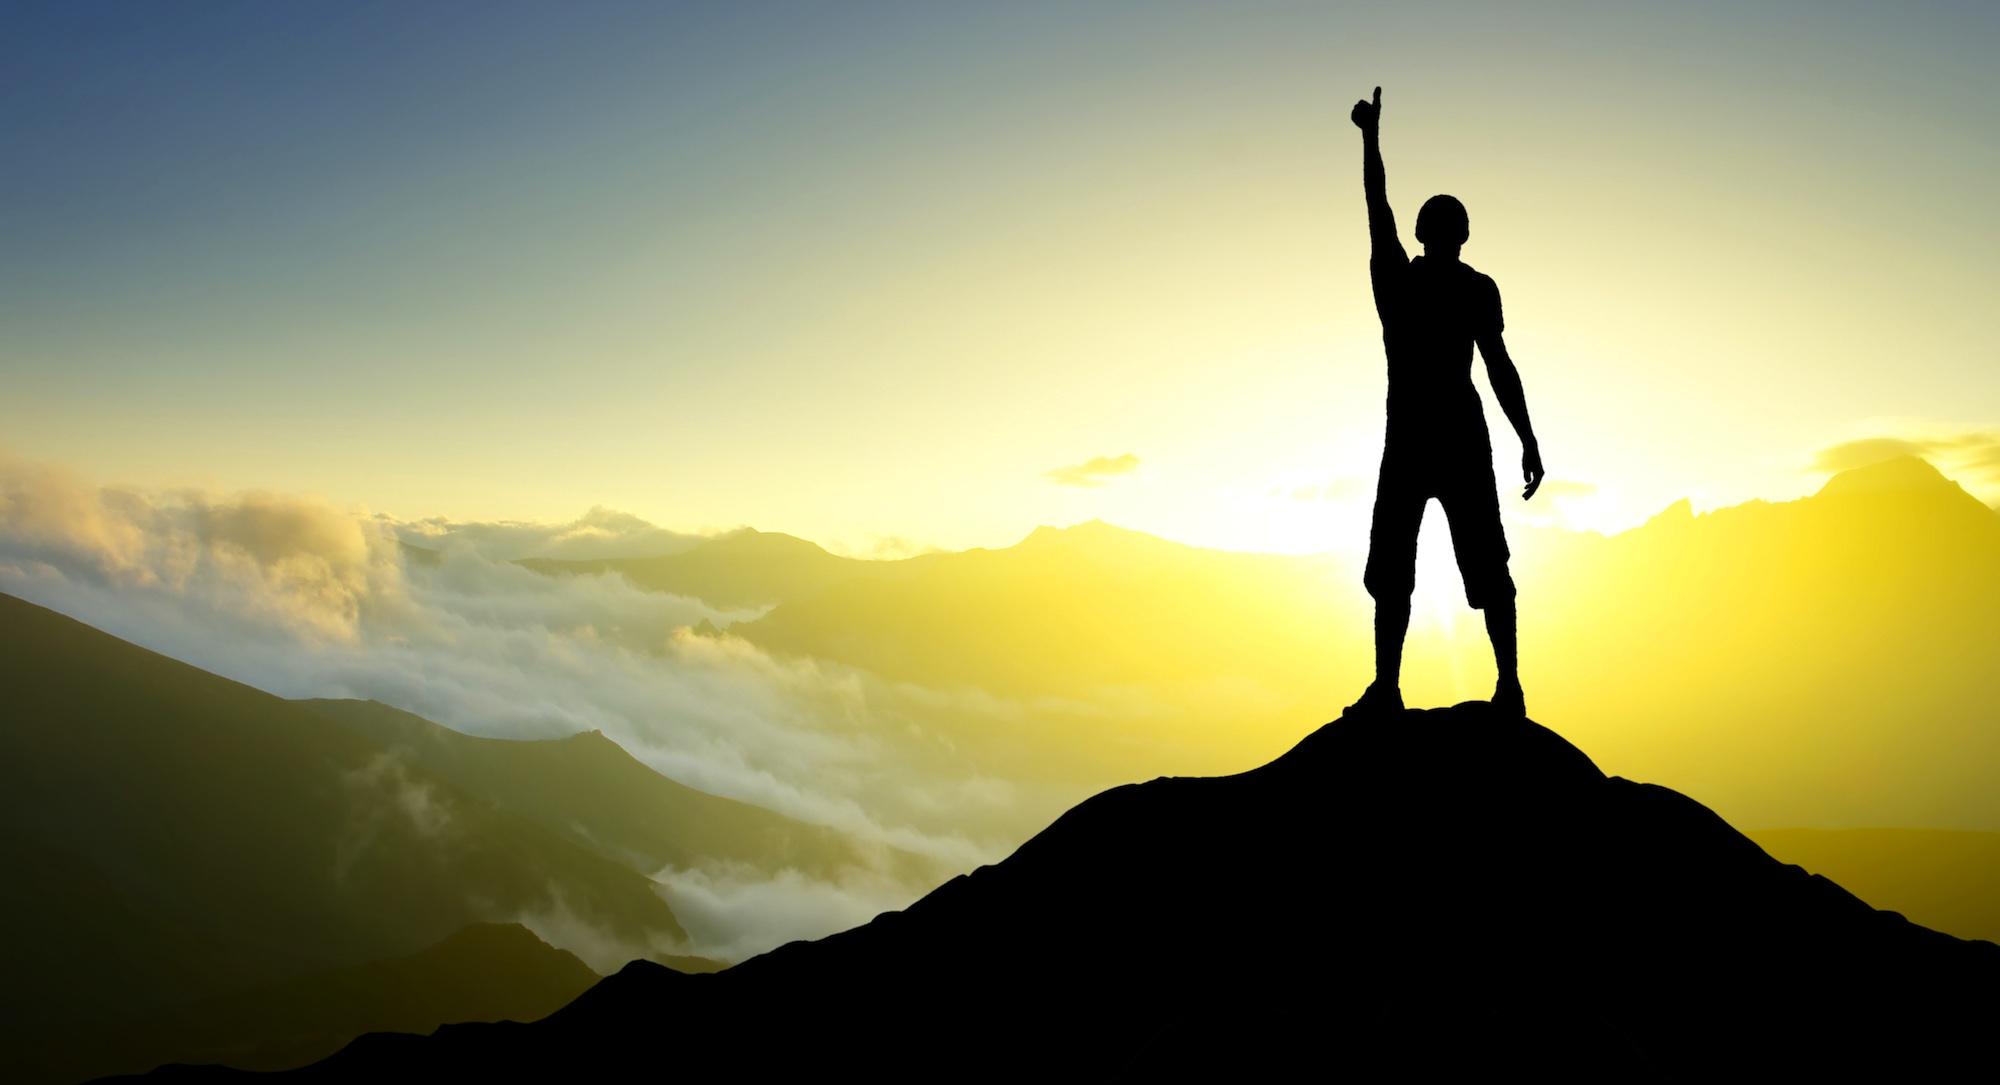 موفقیت یک اتفاق نیست، یک عادت و طریقه زندگیست